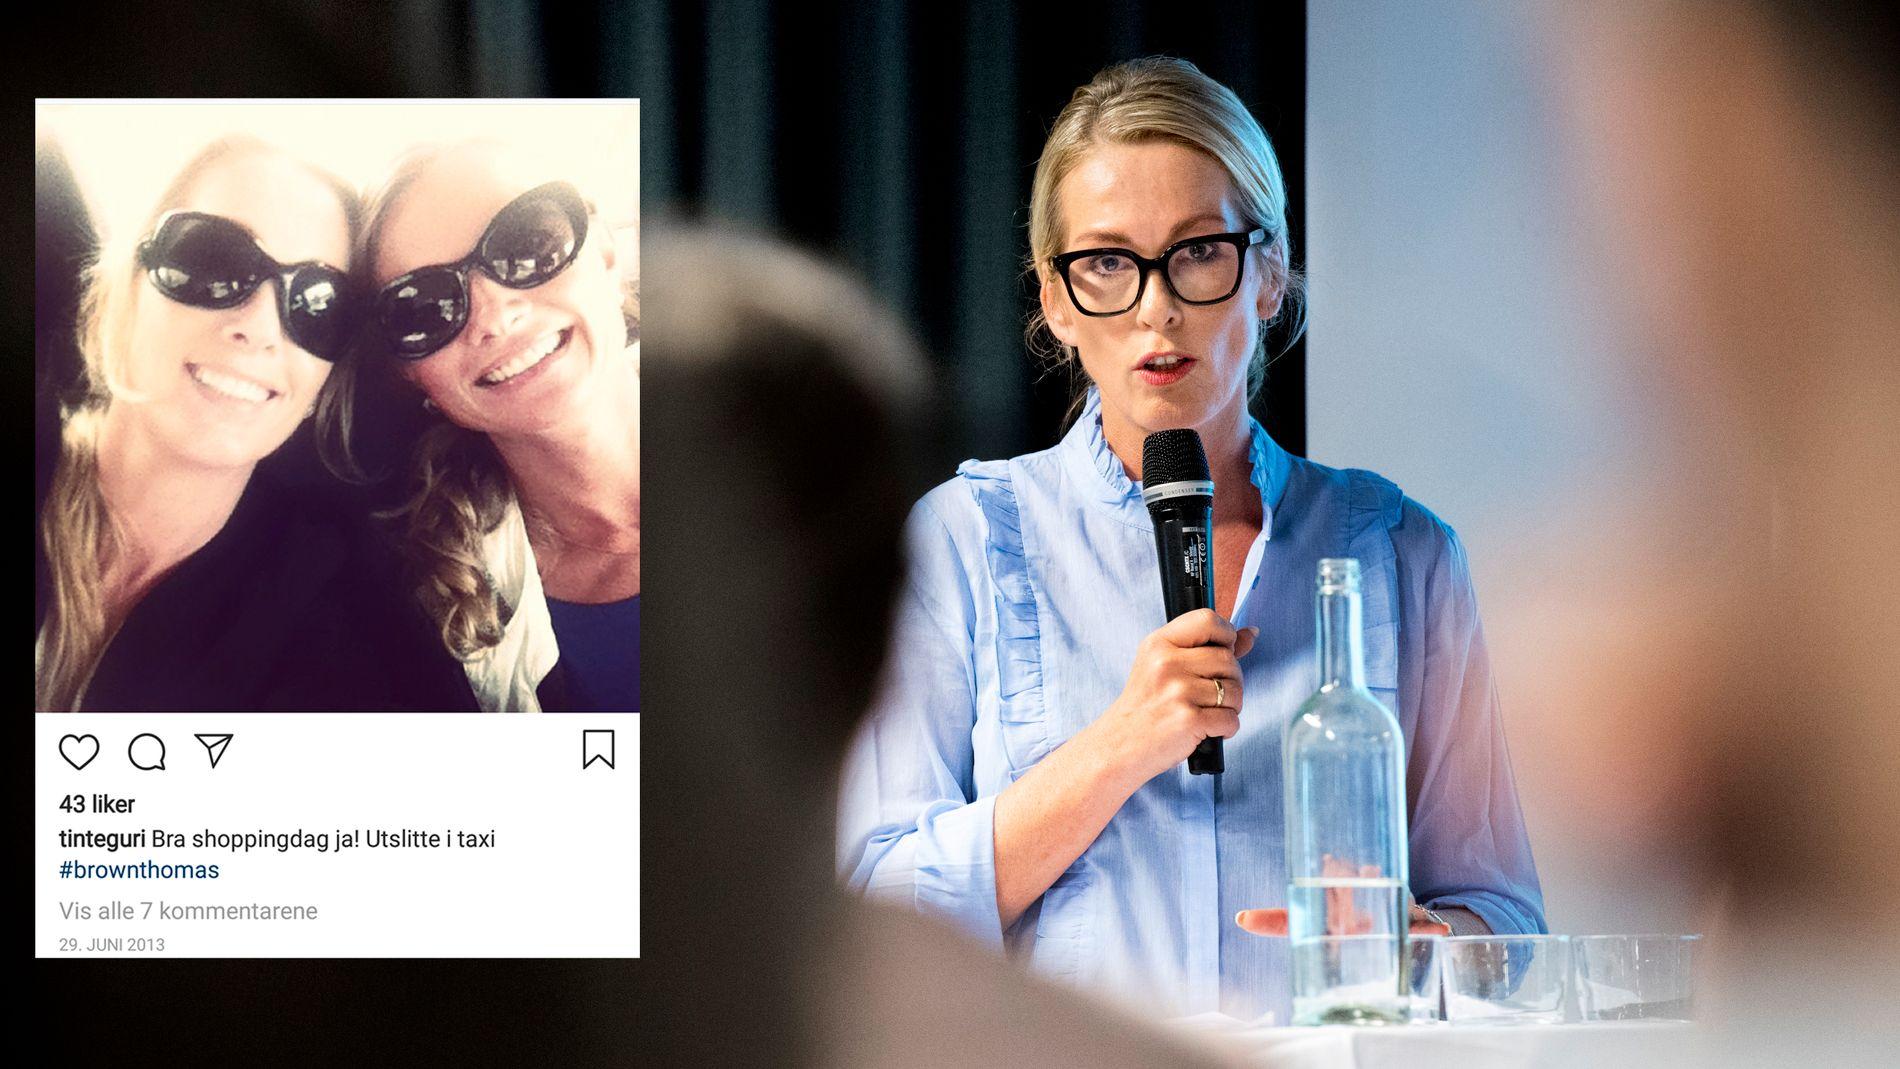 ANSATTE VENNINNEN: Yvonne Fosser (innfelt, til høyre) fikk jobben som HR-direktør i Innovasjon Norge av Anita Krohn Traaseth i 2015.